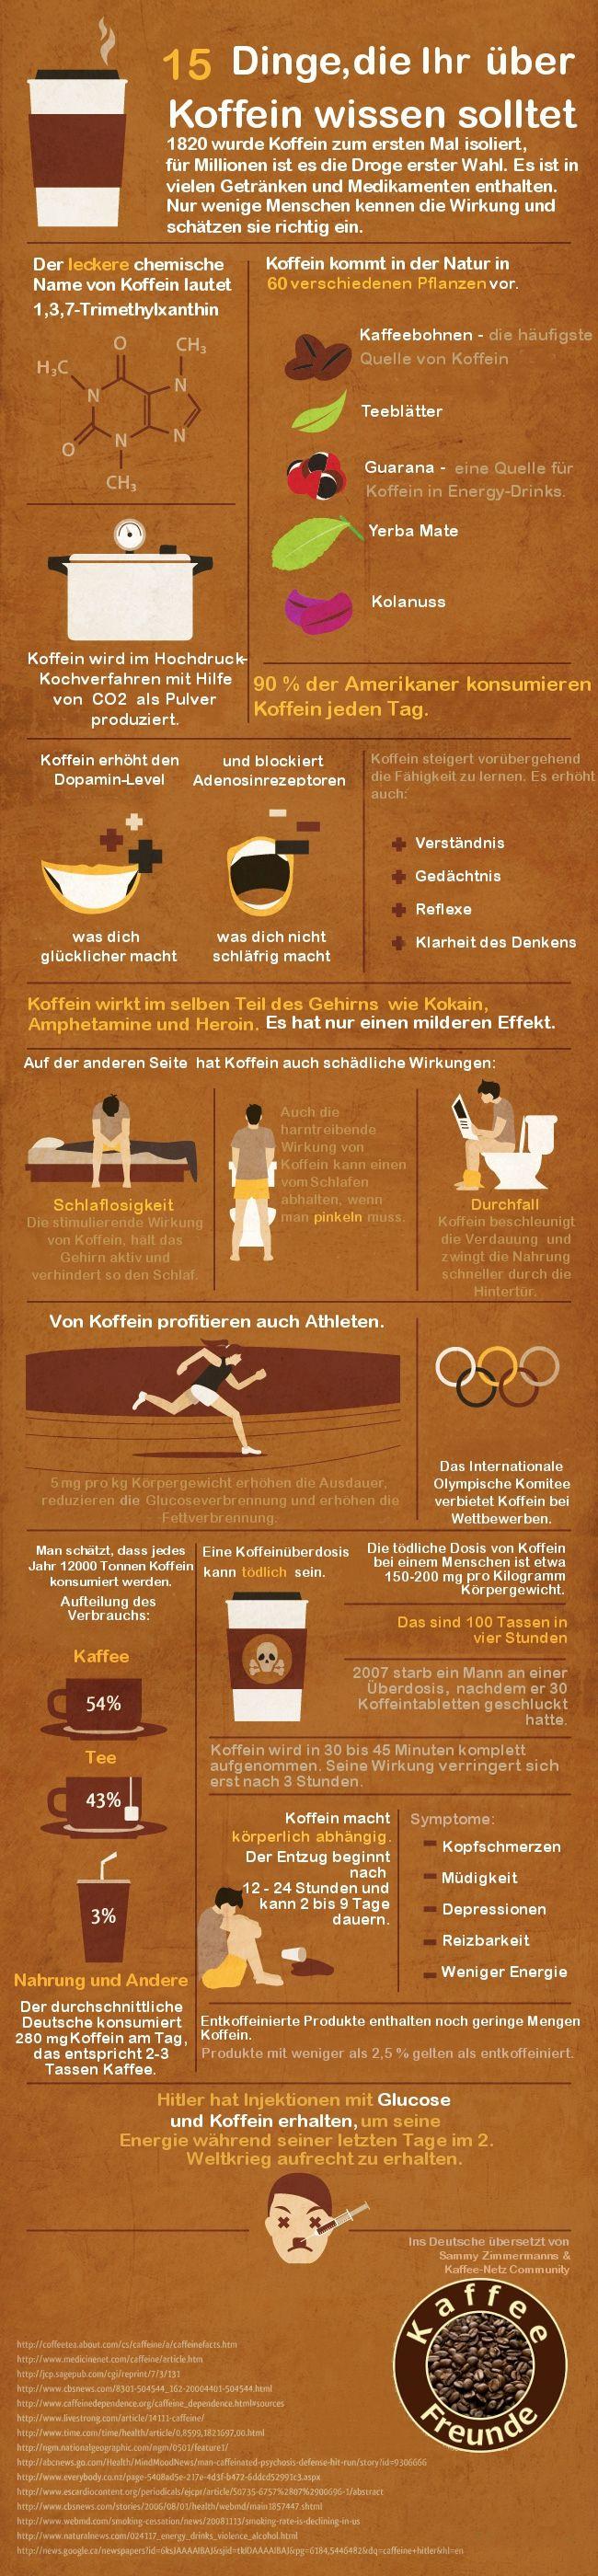 Infografik: 15 Dinge die ihr über Koffein wissen solltet